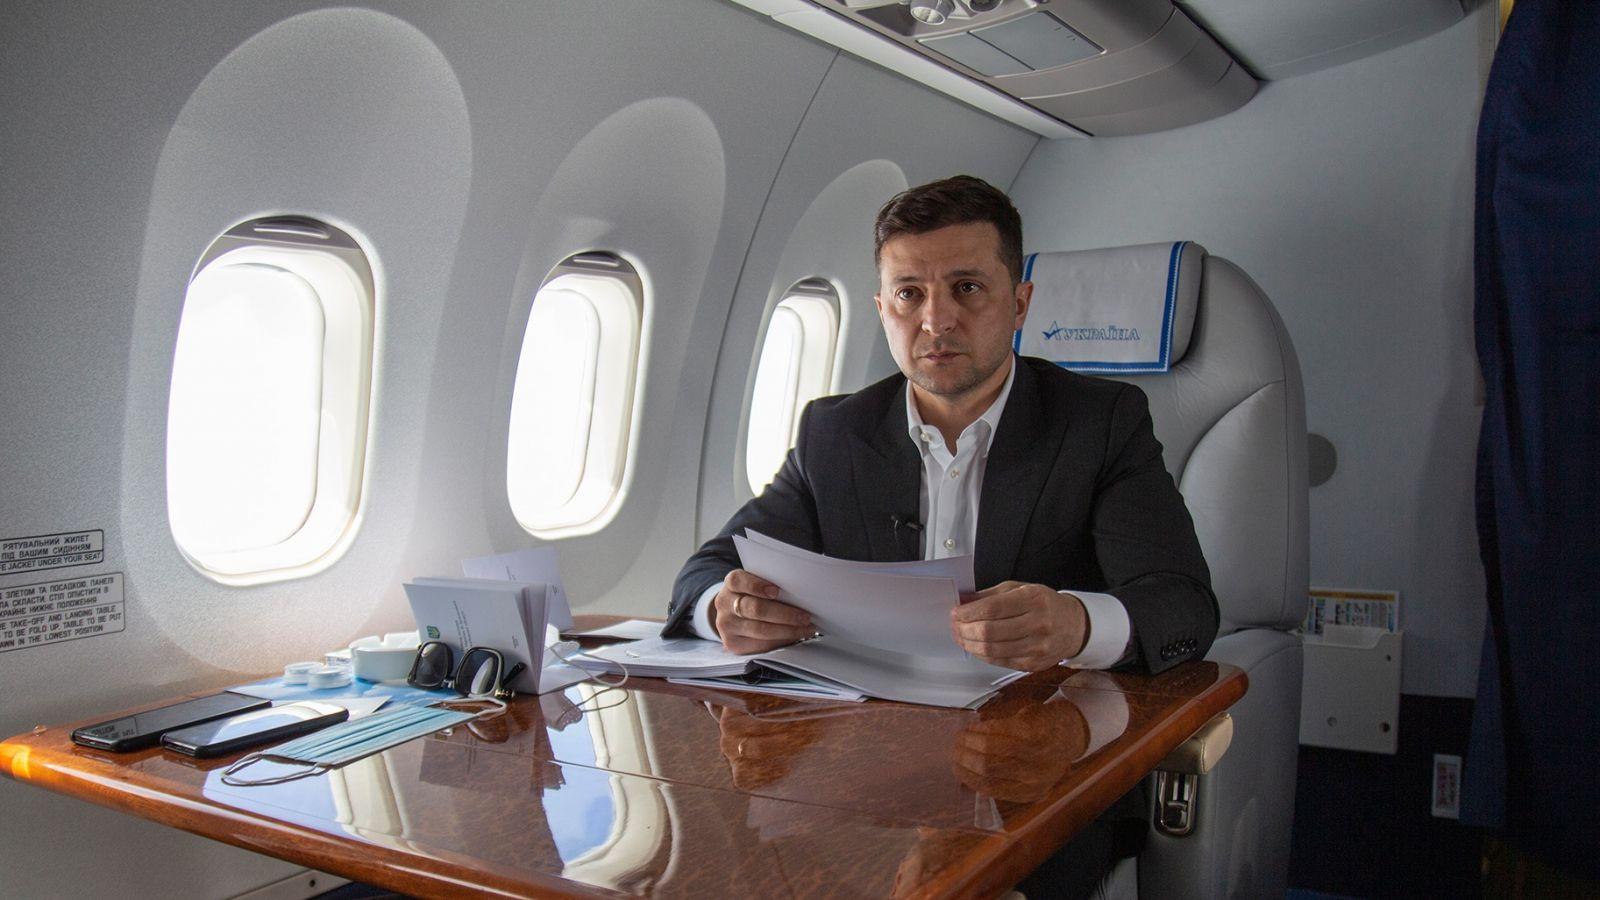 Налогоплательщики заплатили 14 млн гривен за авиаперелеты Зеленского